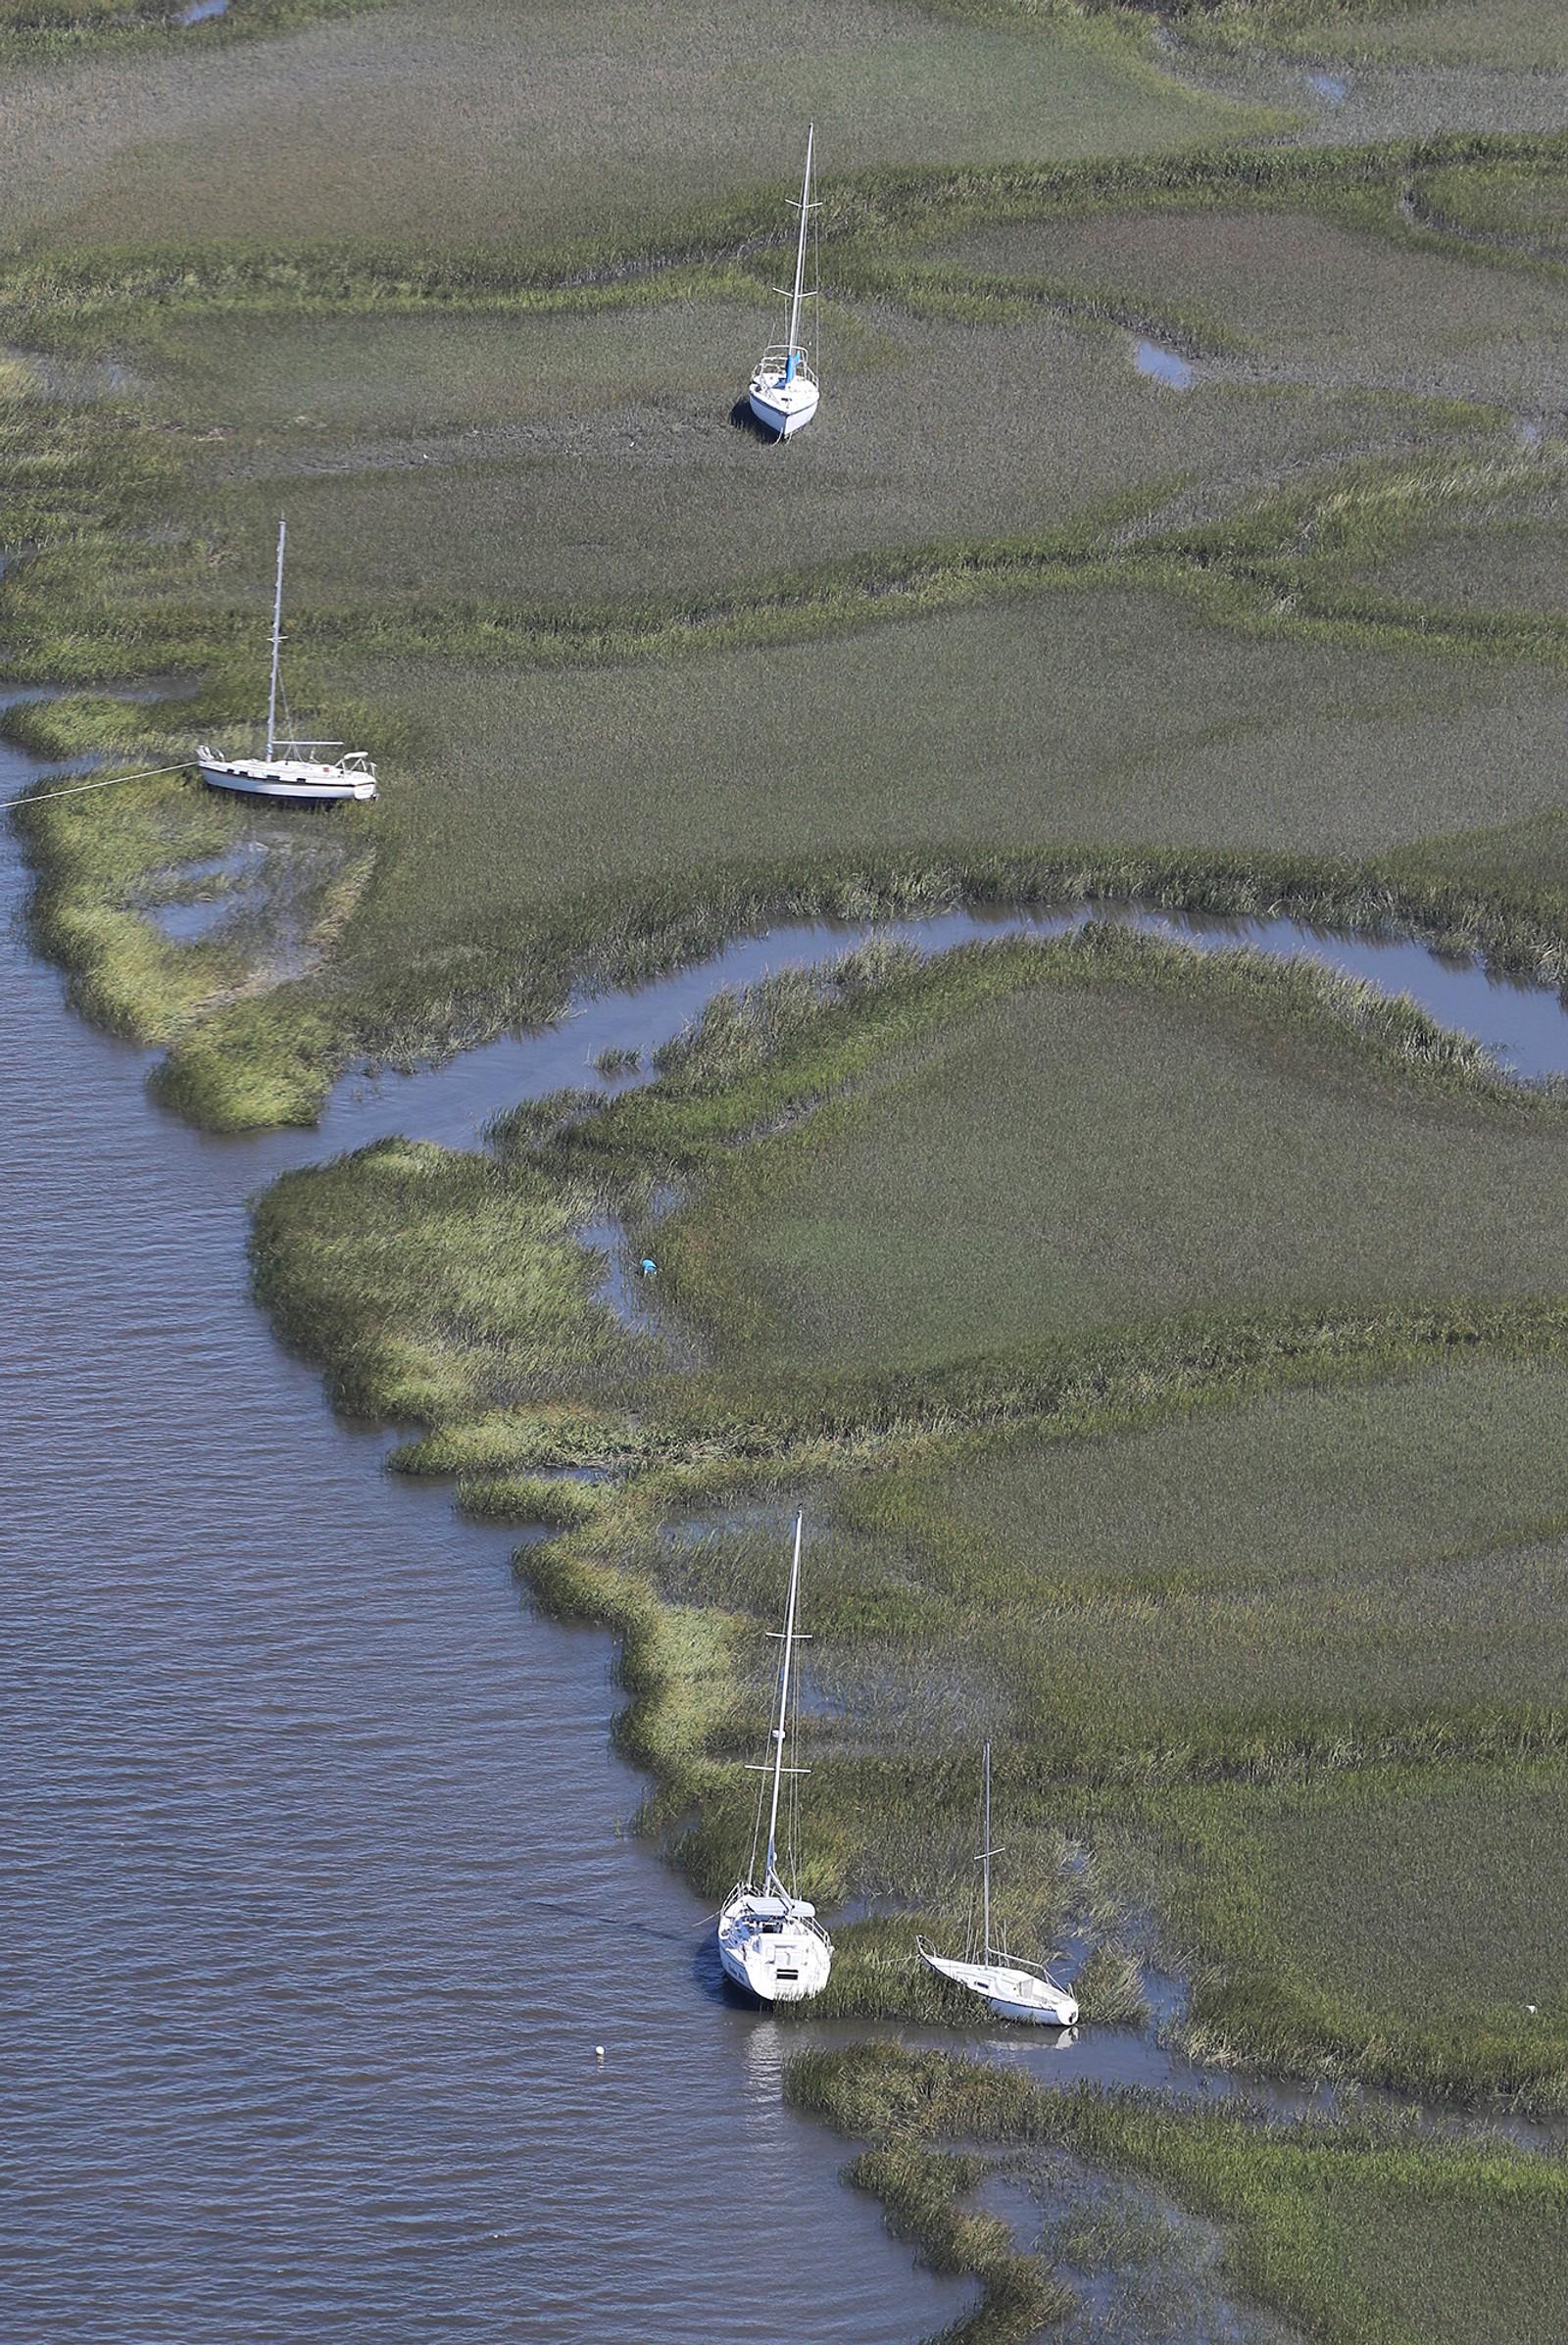 Ankerfestet til flere seilbåter har blitt blåst vekk i Shelman Bluff, Georgia, søndag.